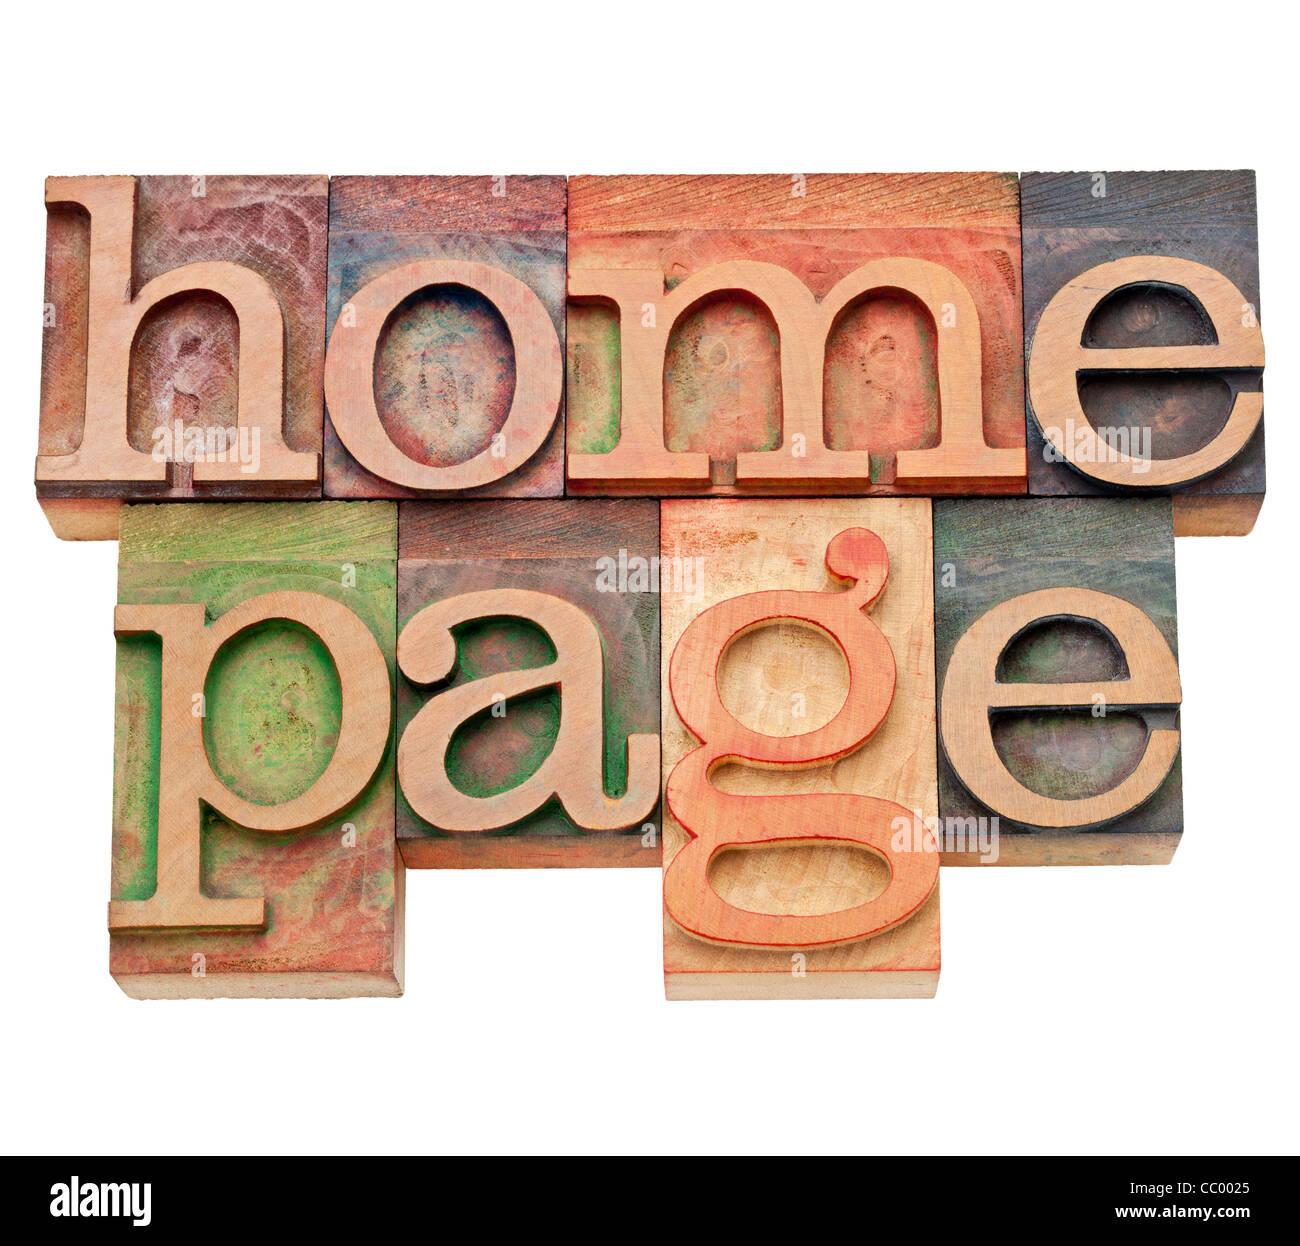 Home page - internet concept - texte isolé en bois vintage type typogravure, tachée par les encres couleur Photo Stock